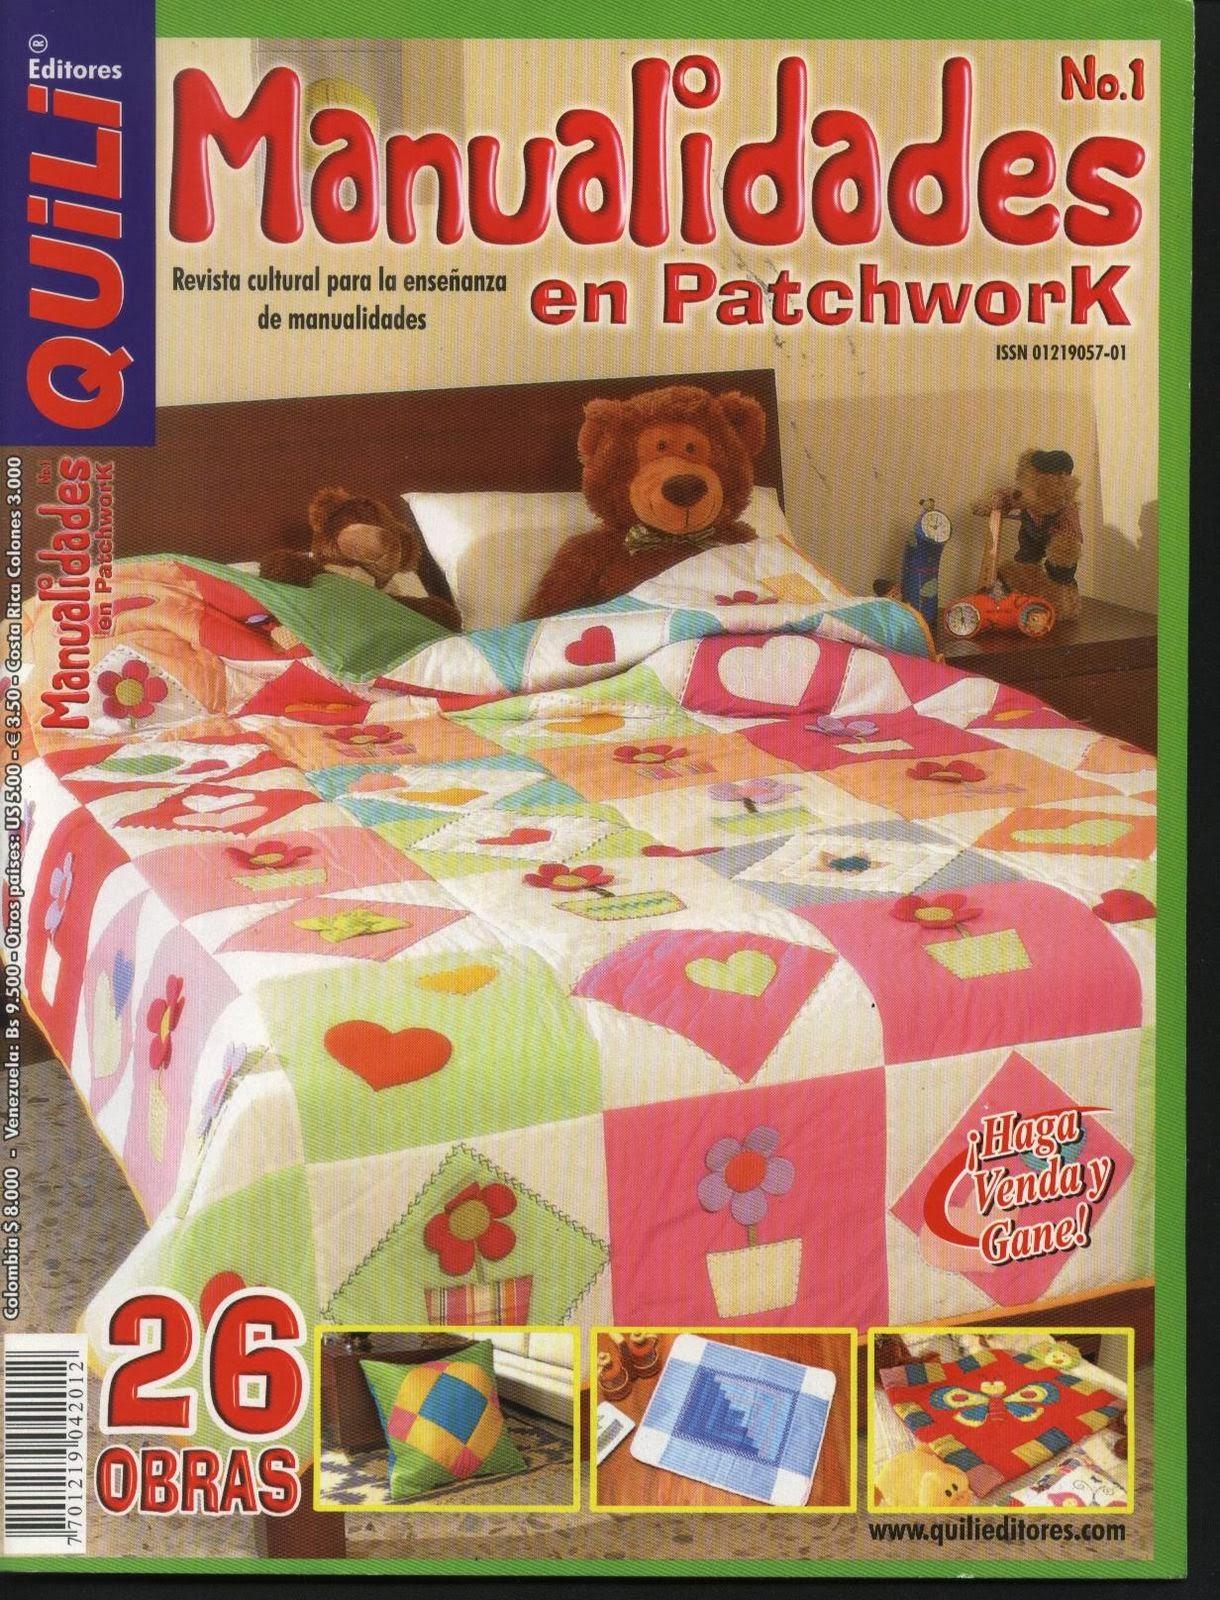 Revistas de manualidades de navidad para descargar gratis.